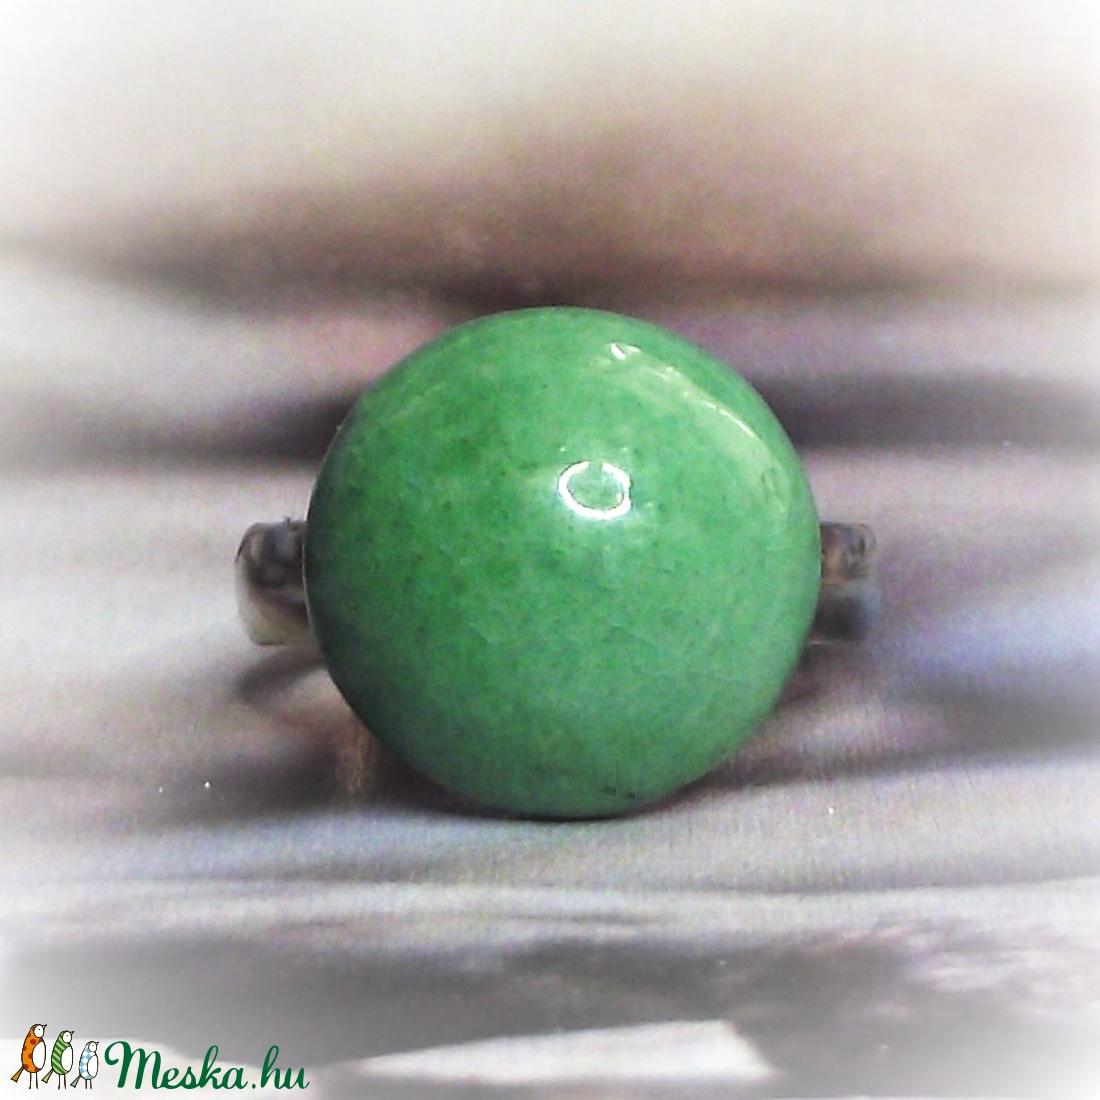 Pasztell zöld kerámia gyűrű kislányoknak Gyermeknapra - Gyermek ékszer - Gyermekgyűrű  - Meska.hu